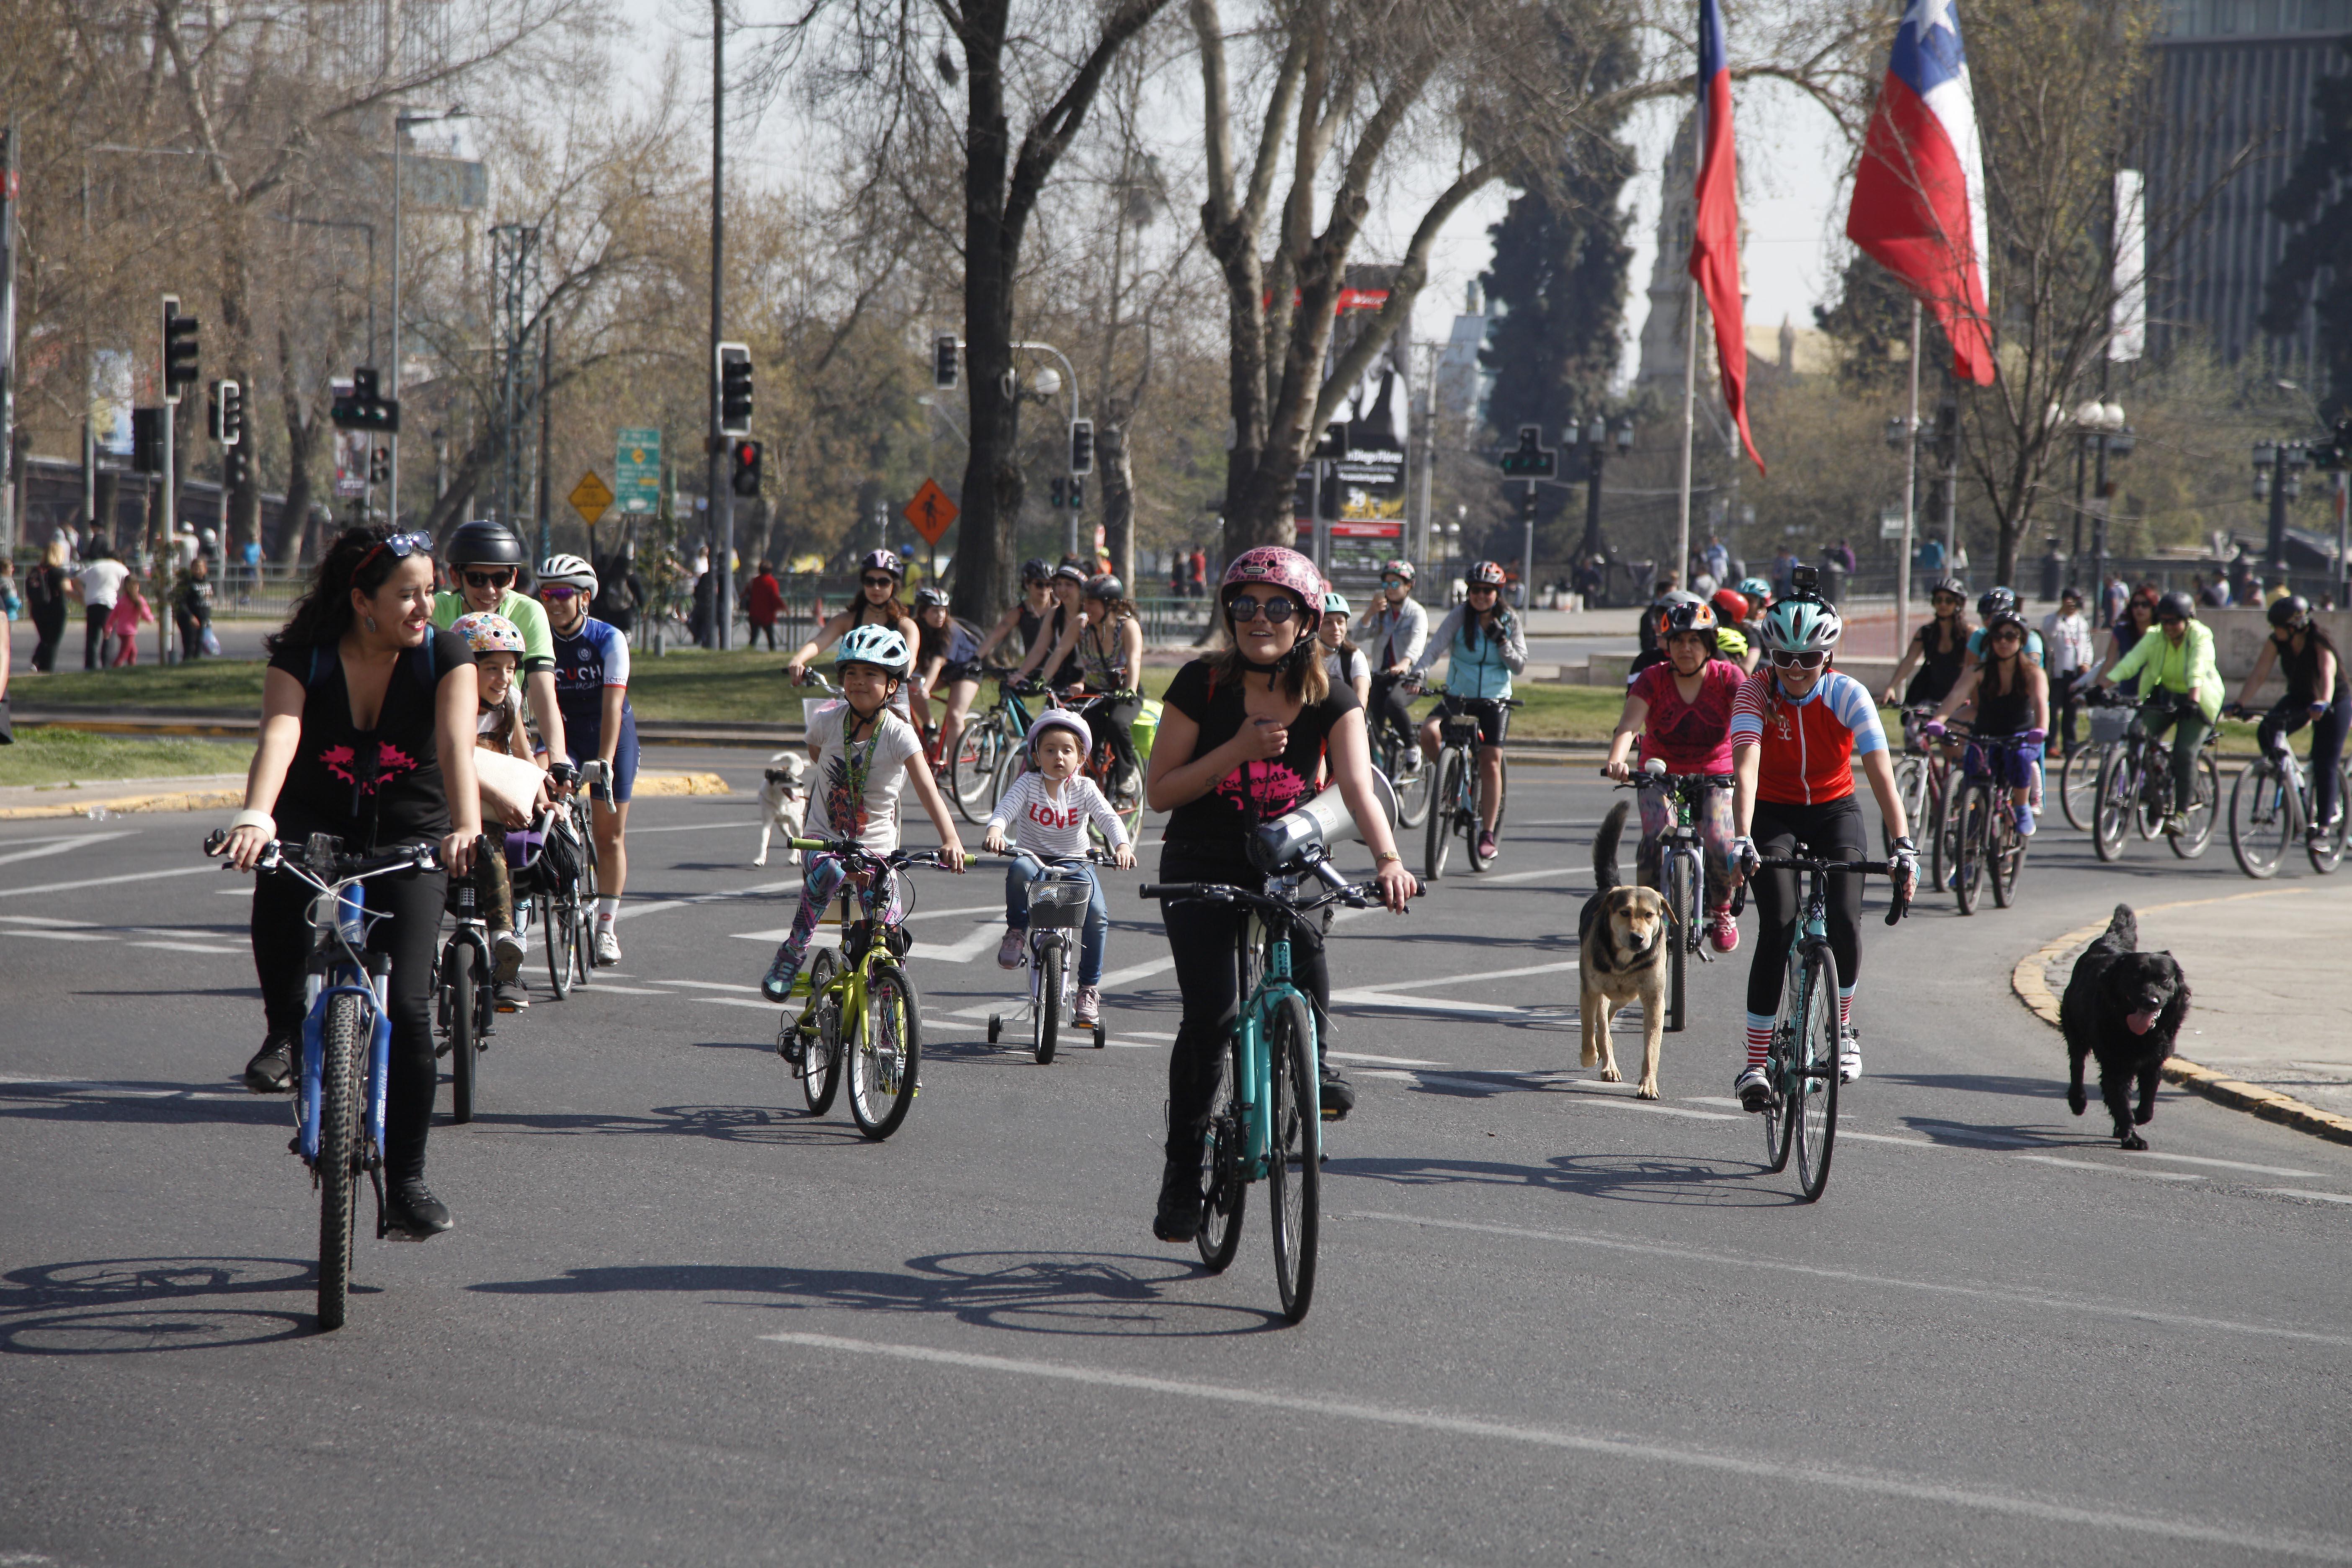 La Cicletada: niñas y mujeres de 12 países de Latinoamérica unidas por la bicicleta